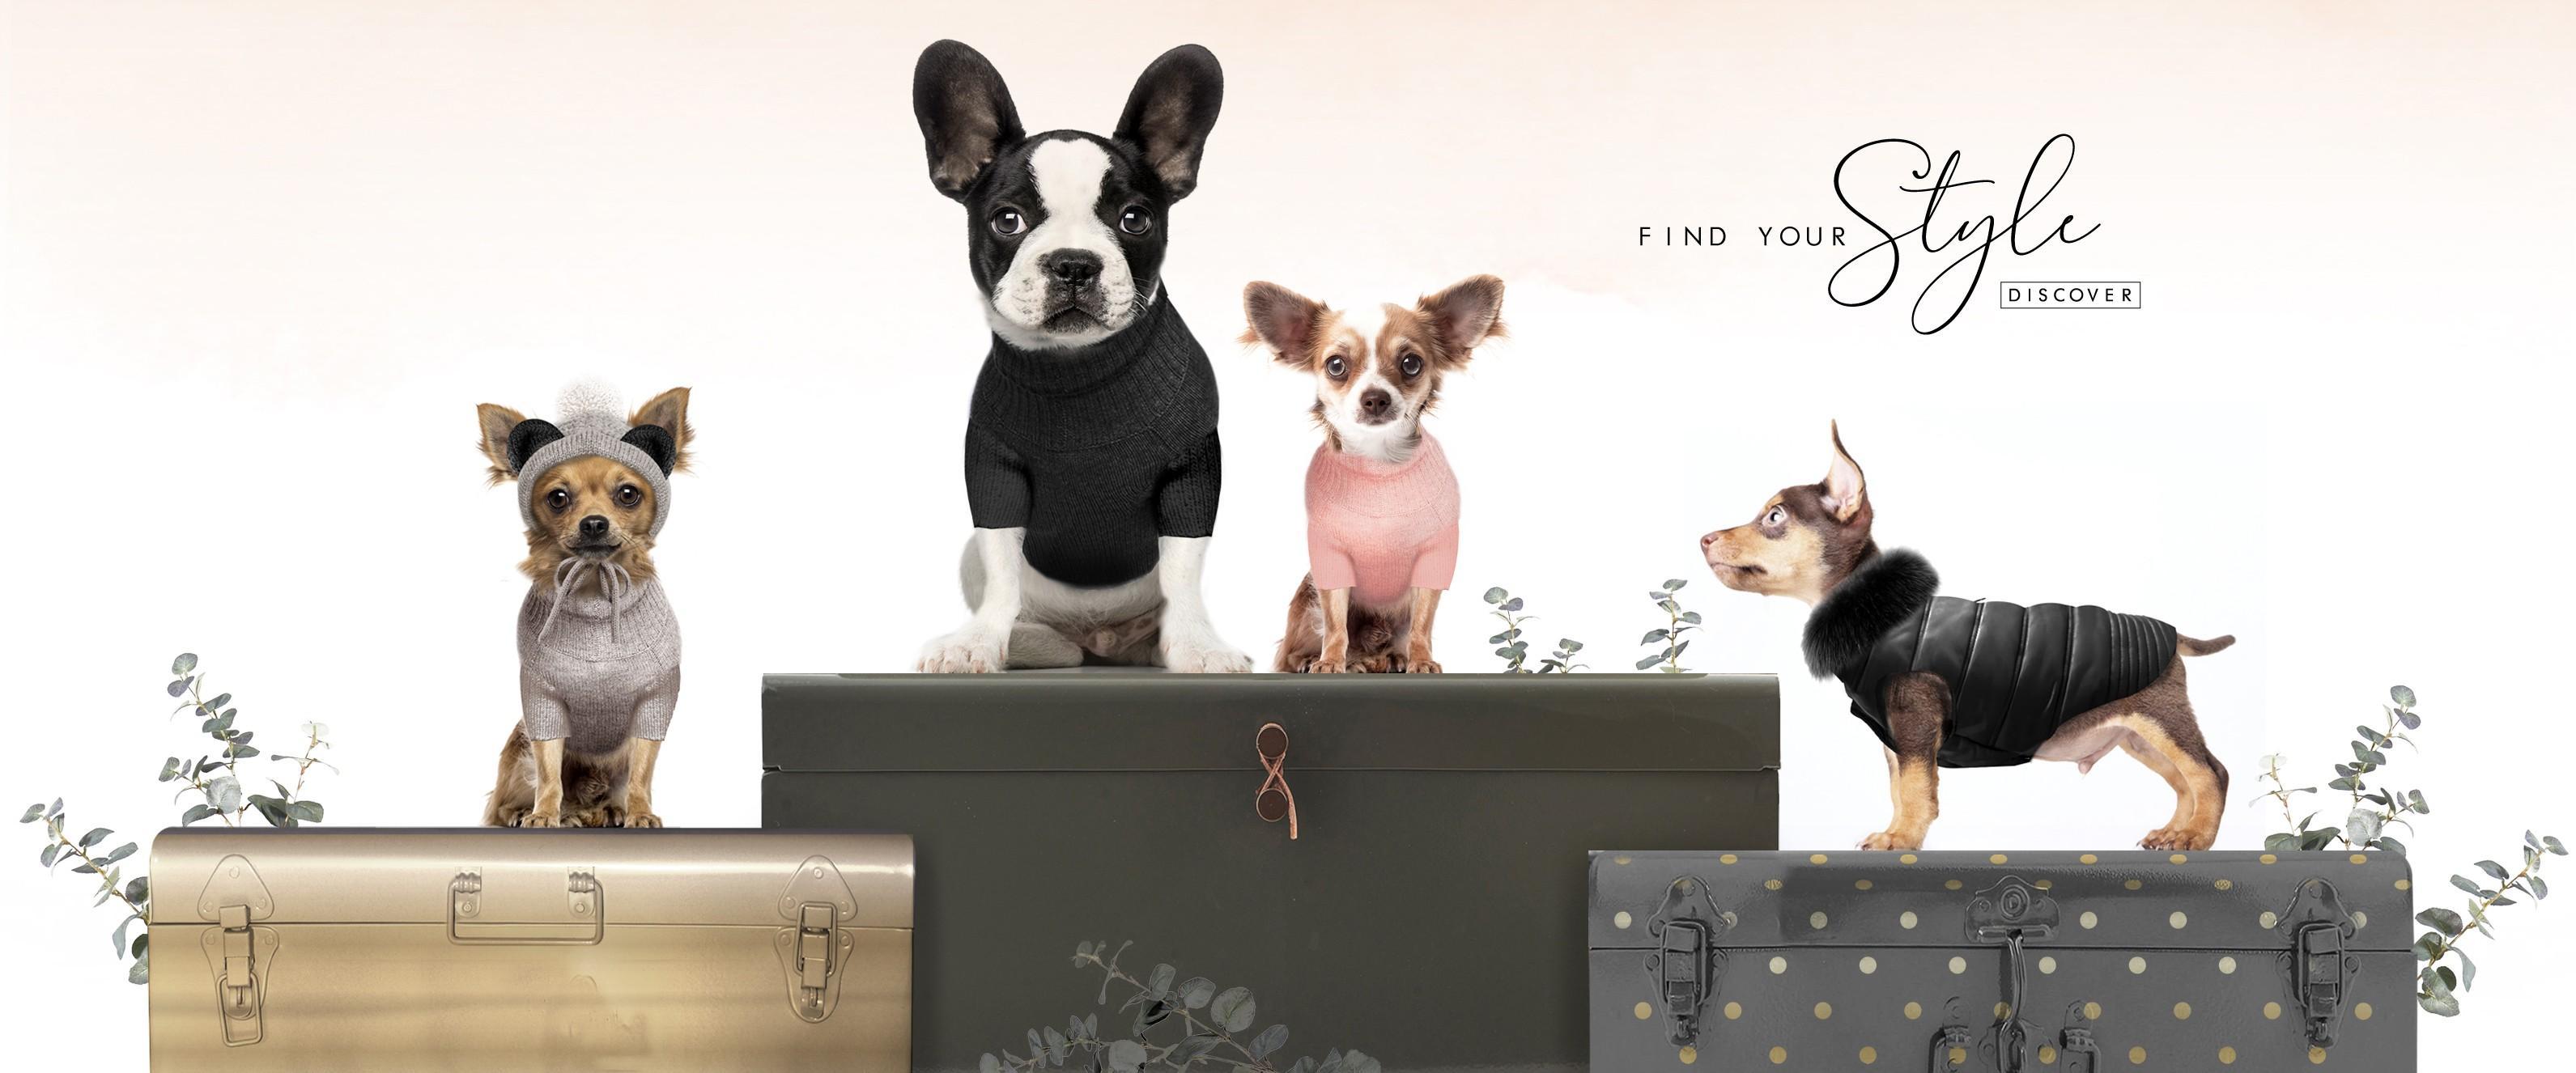 Hundebekleidung Hundehalsbander Hundebetten Hundetaschen